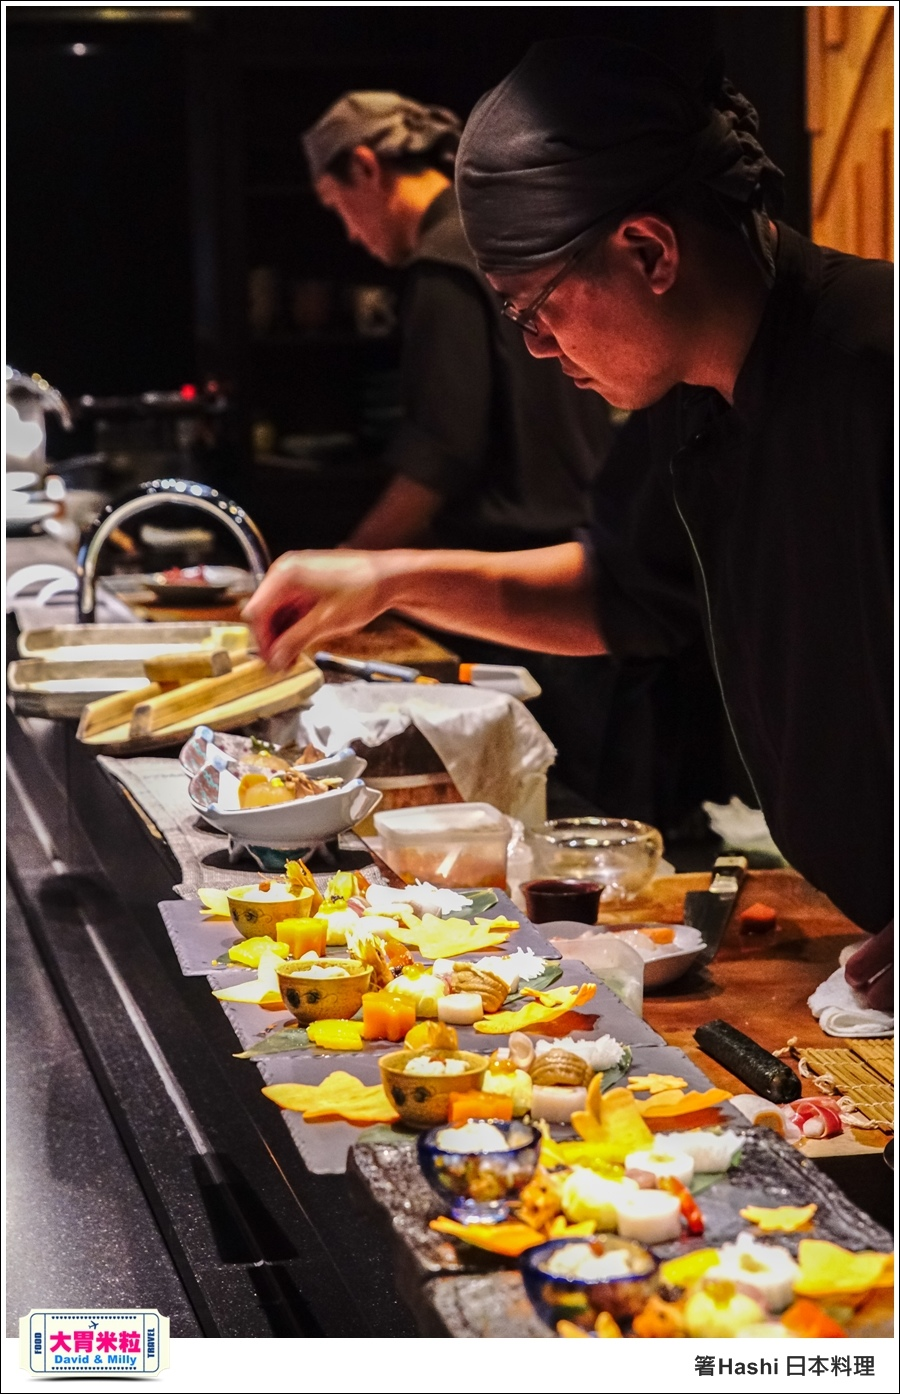 高雄日式料理推薦@帕莎蒂娜箸Hashi日式料理 @大胃米粒_018.jpg